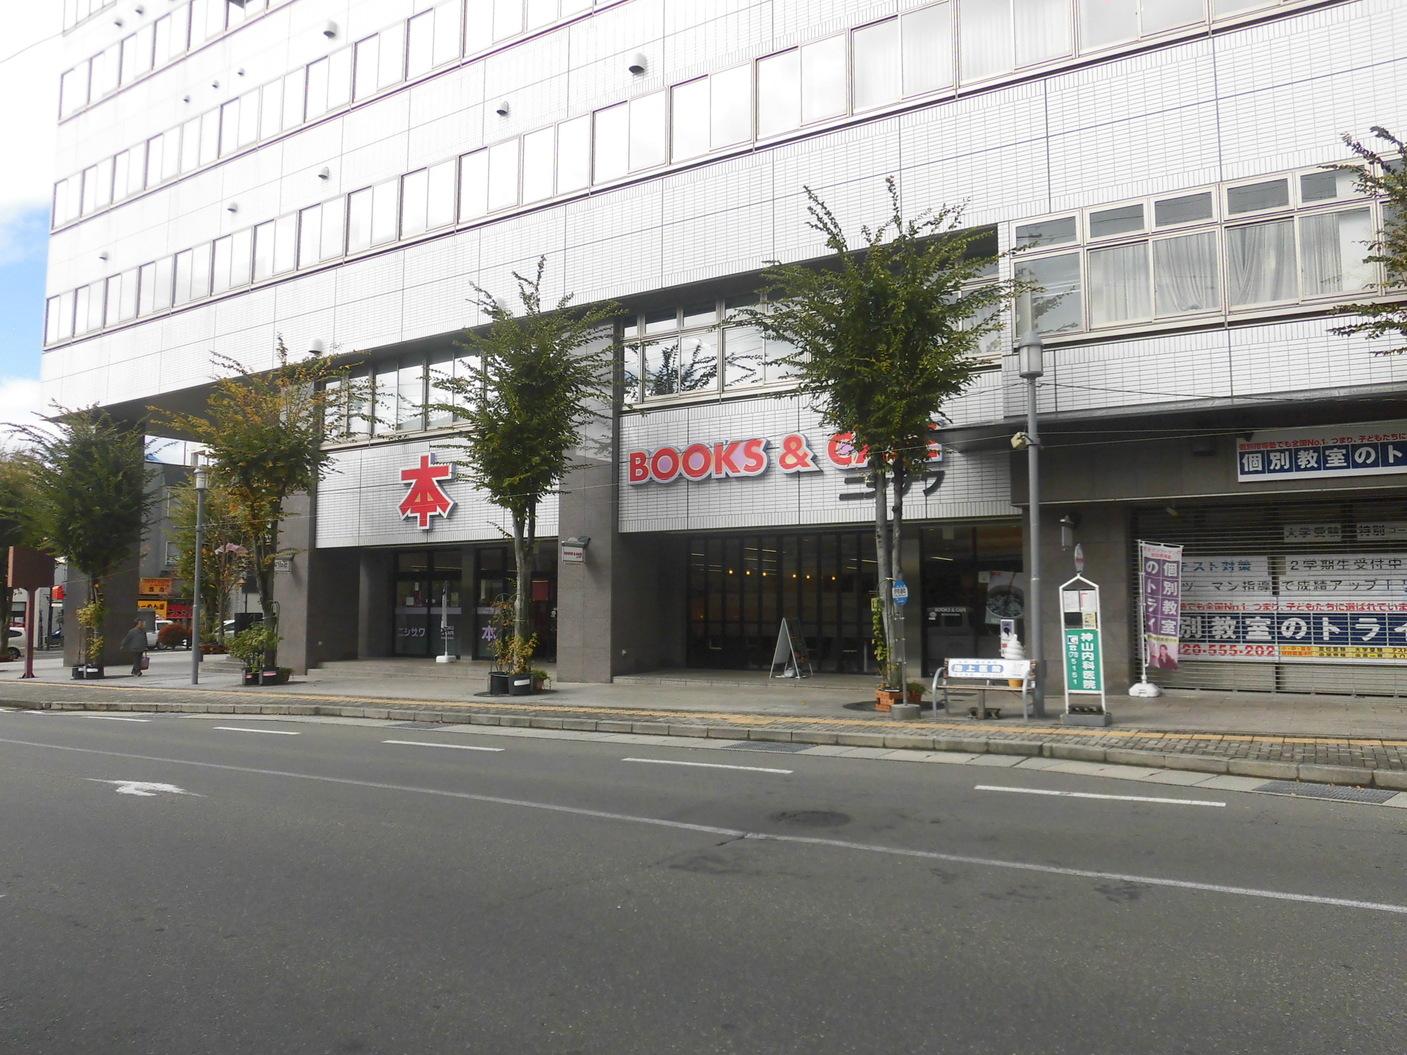 ニシザワ いなっせ店 name=